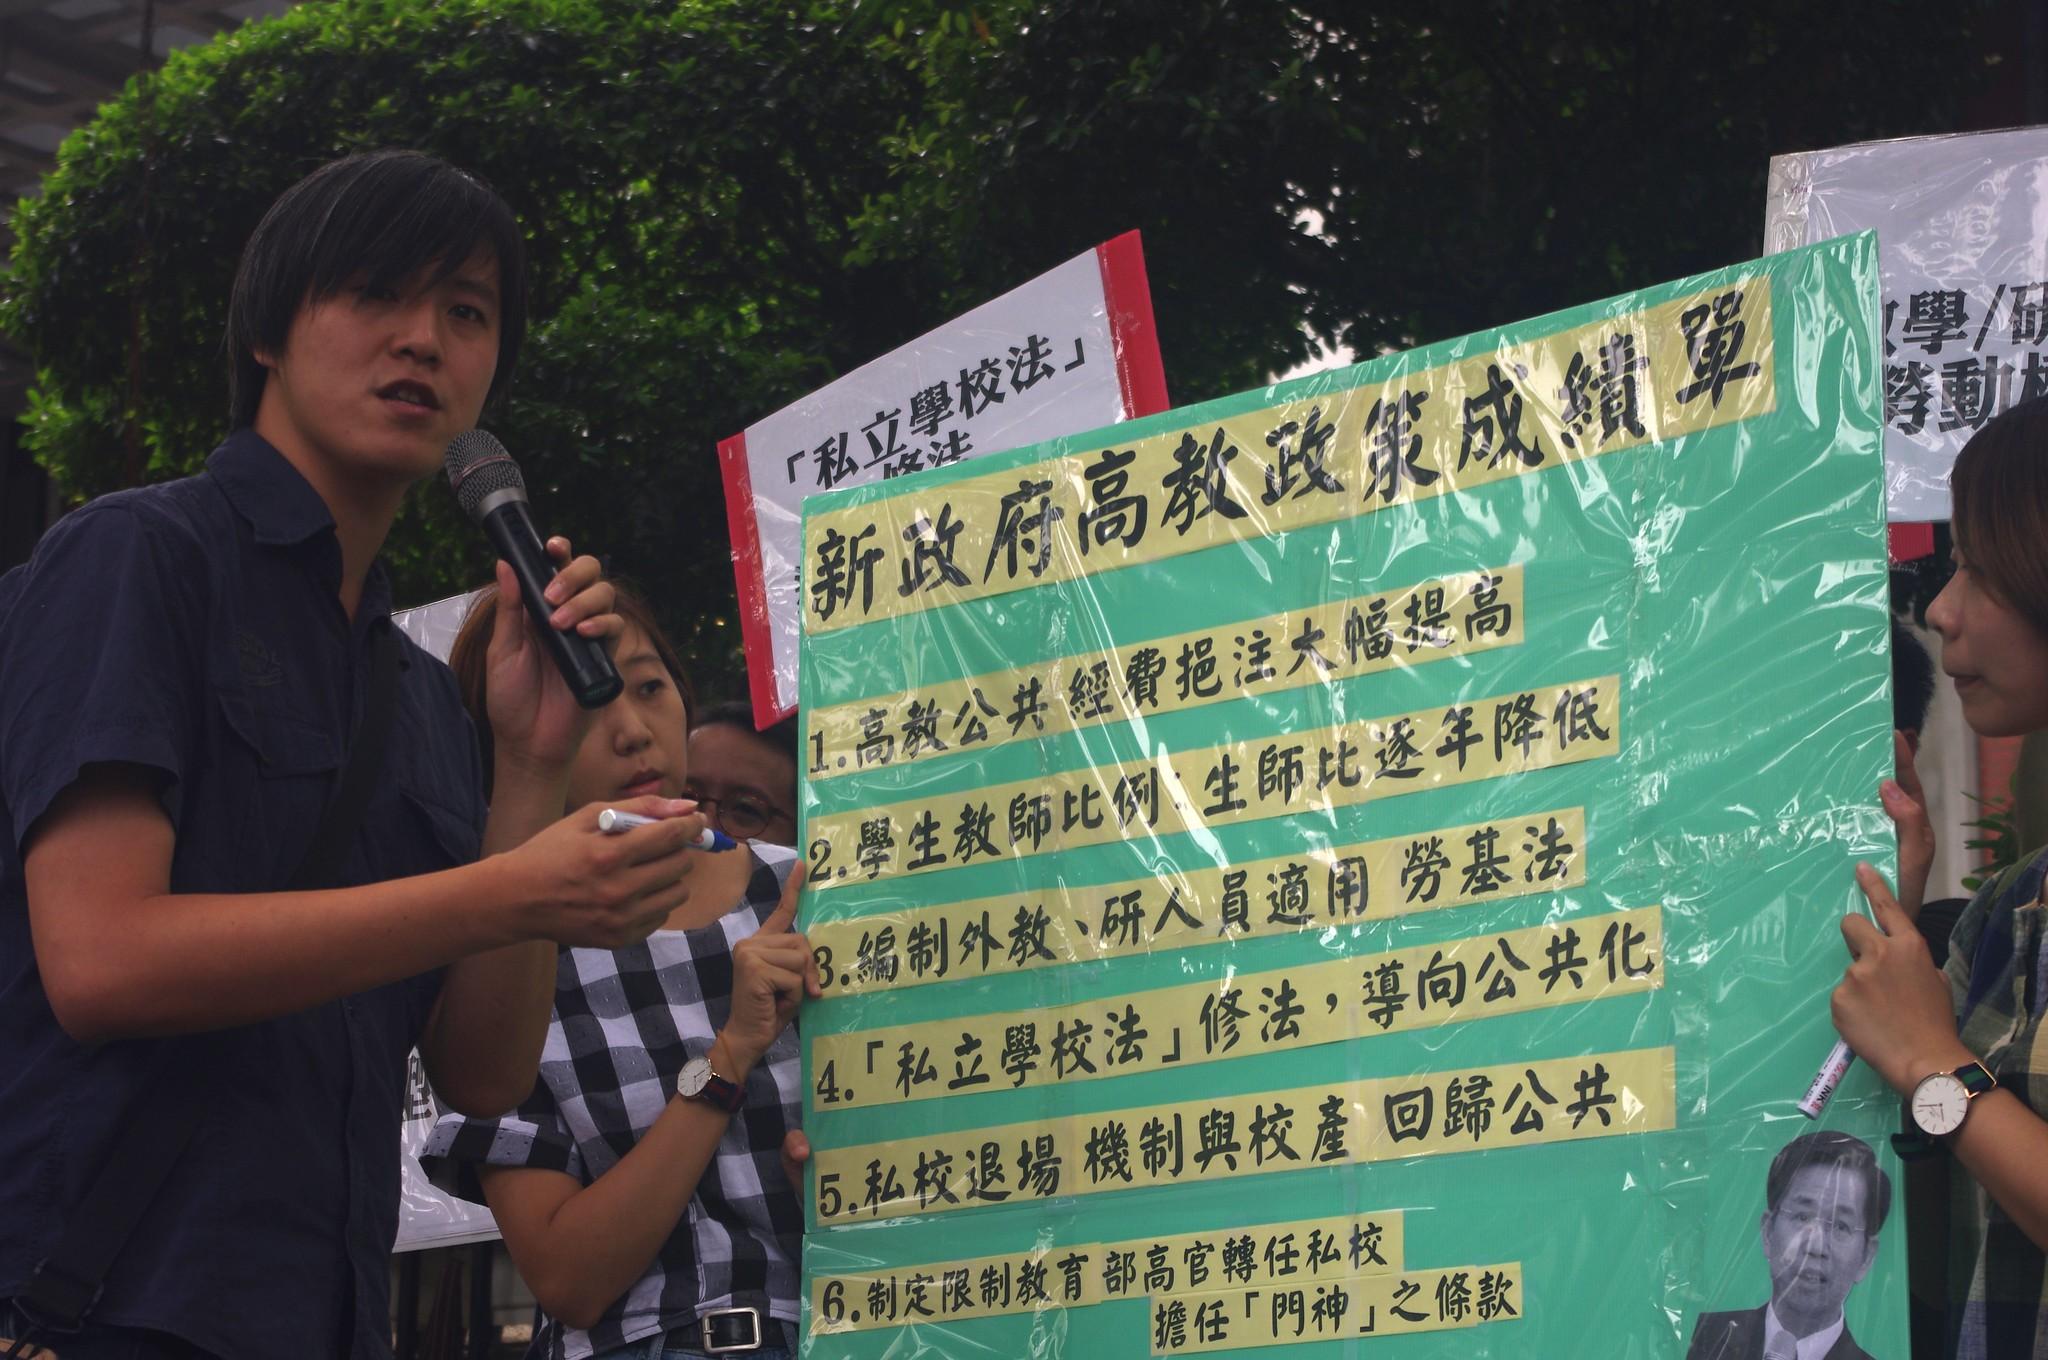 高教工會在教師節隔天赴教育部打分數。(攝影:高若想)